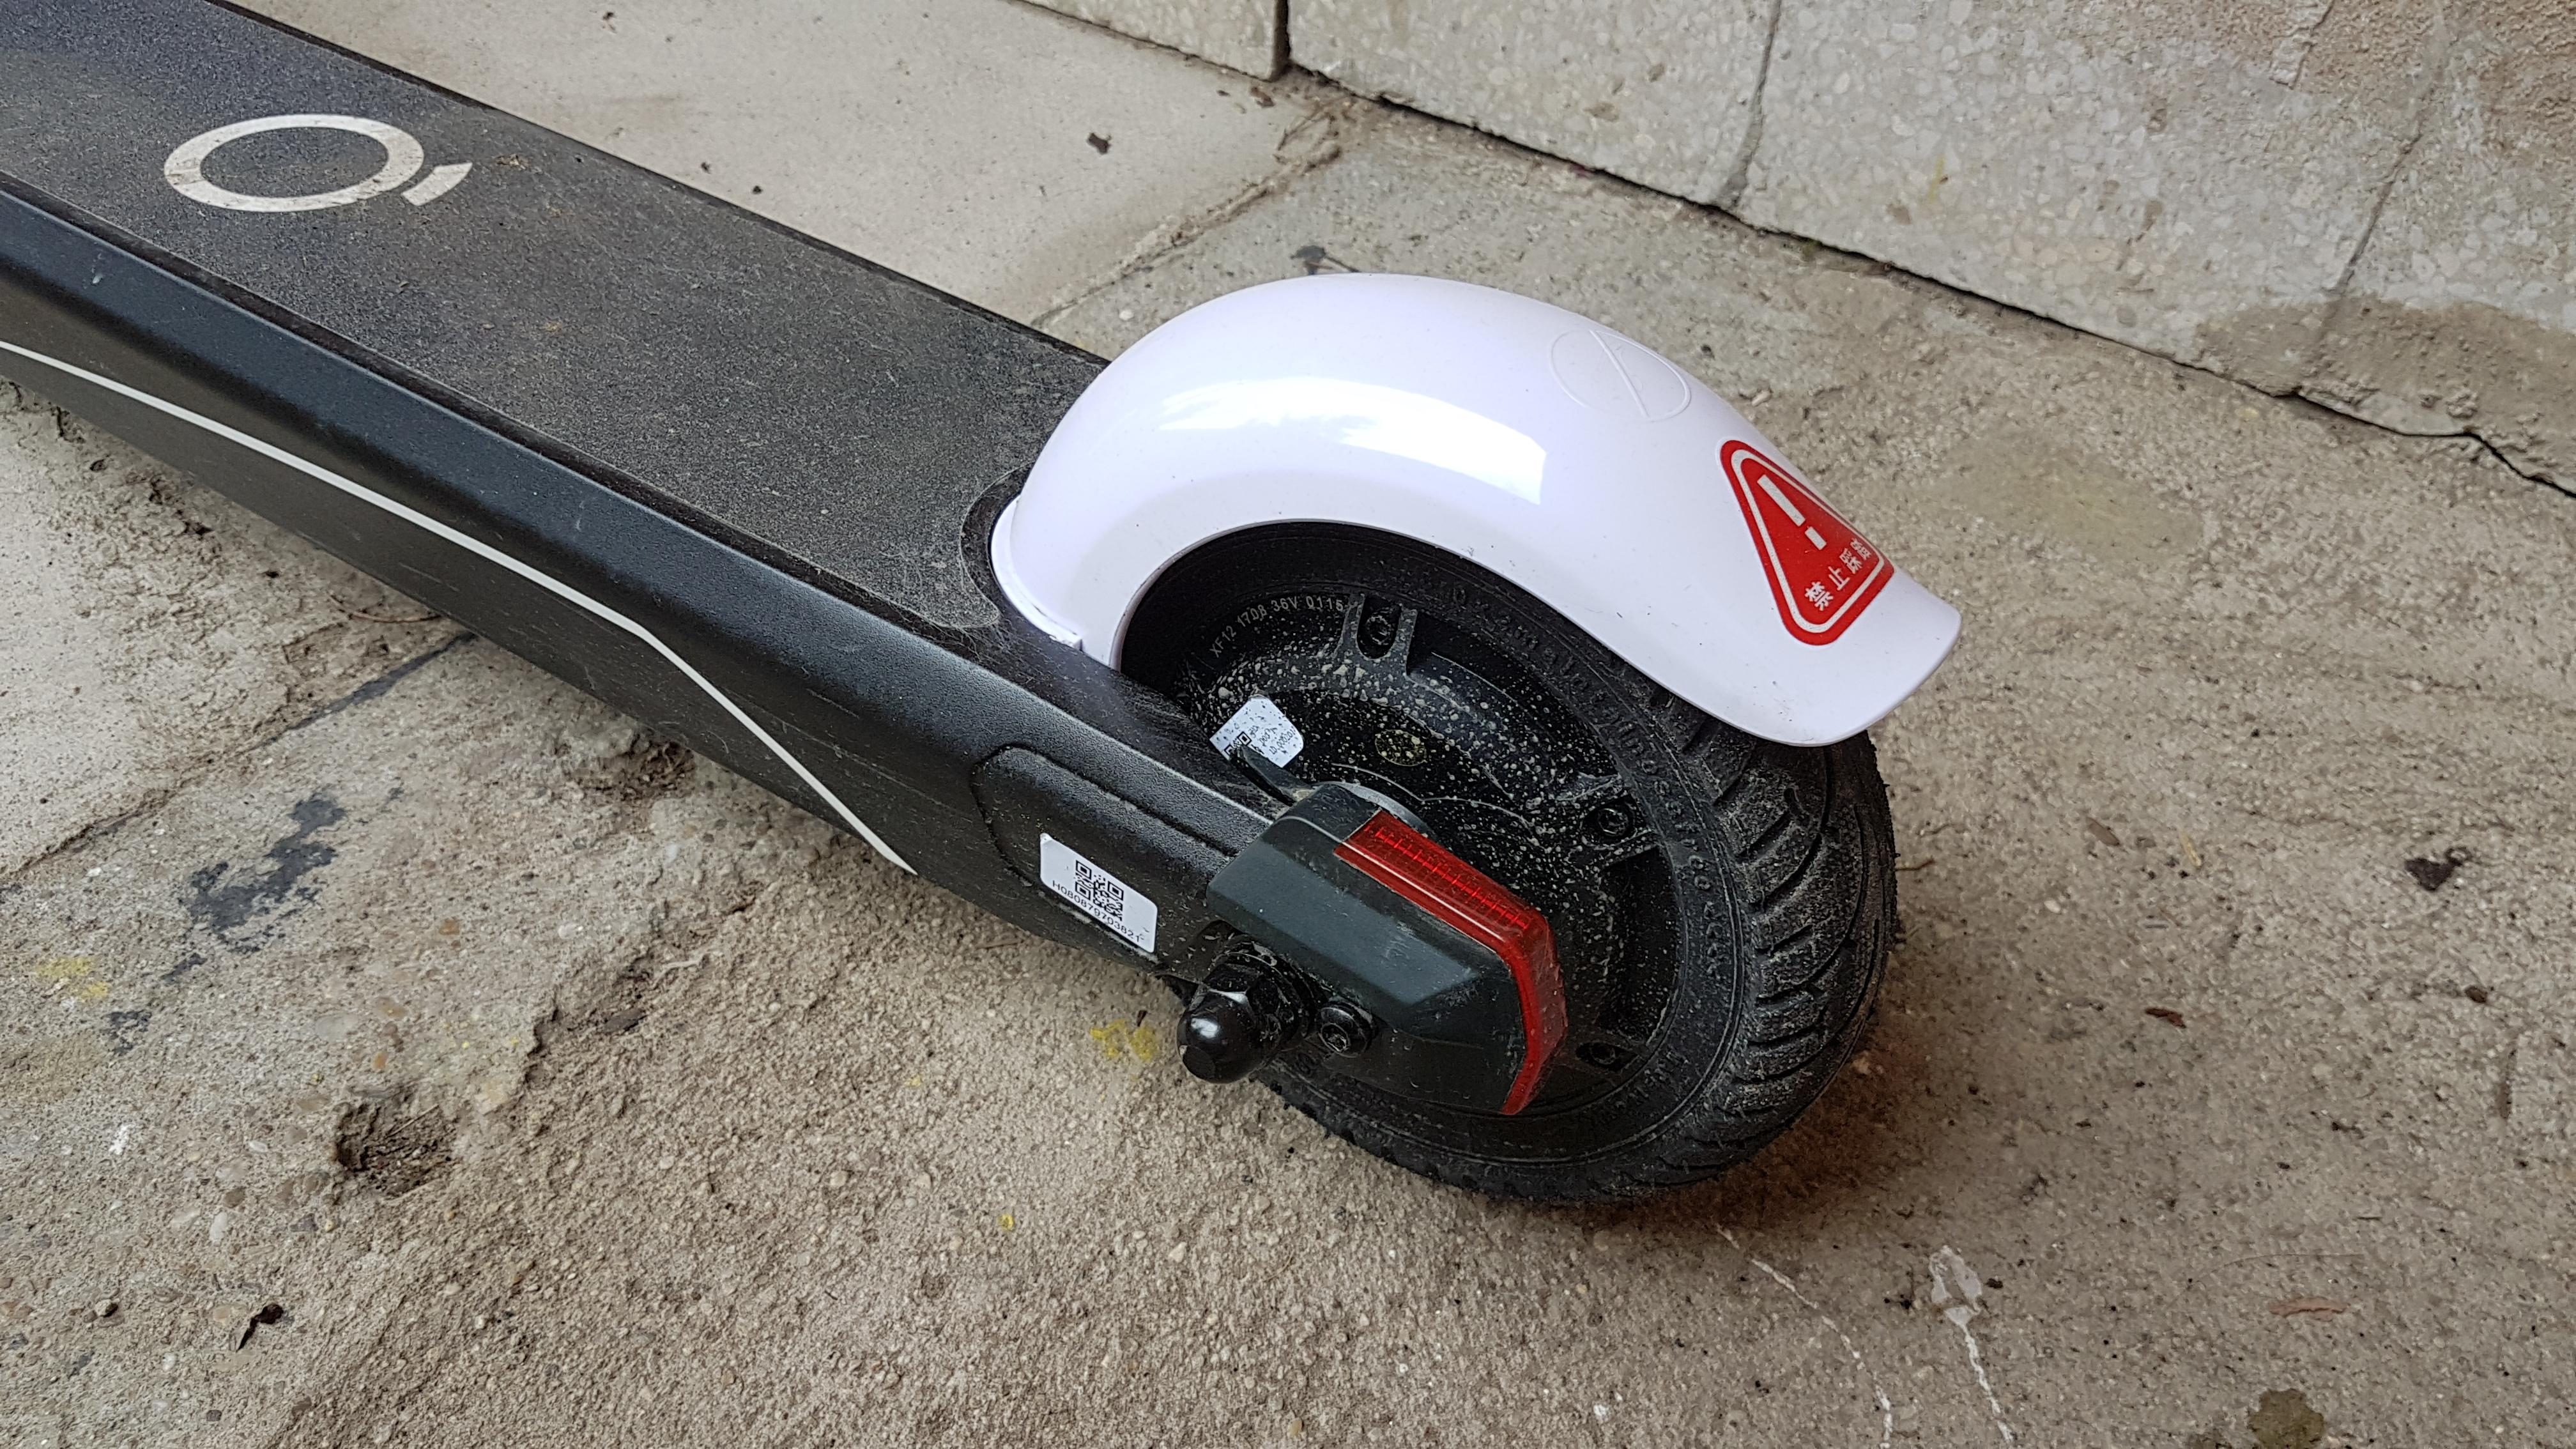 xiaomi-es808-elektromos-roller-teszt-electric-scooter-villany-roller-varosi-kozlekedesi-eszkoz-02.jpg